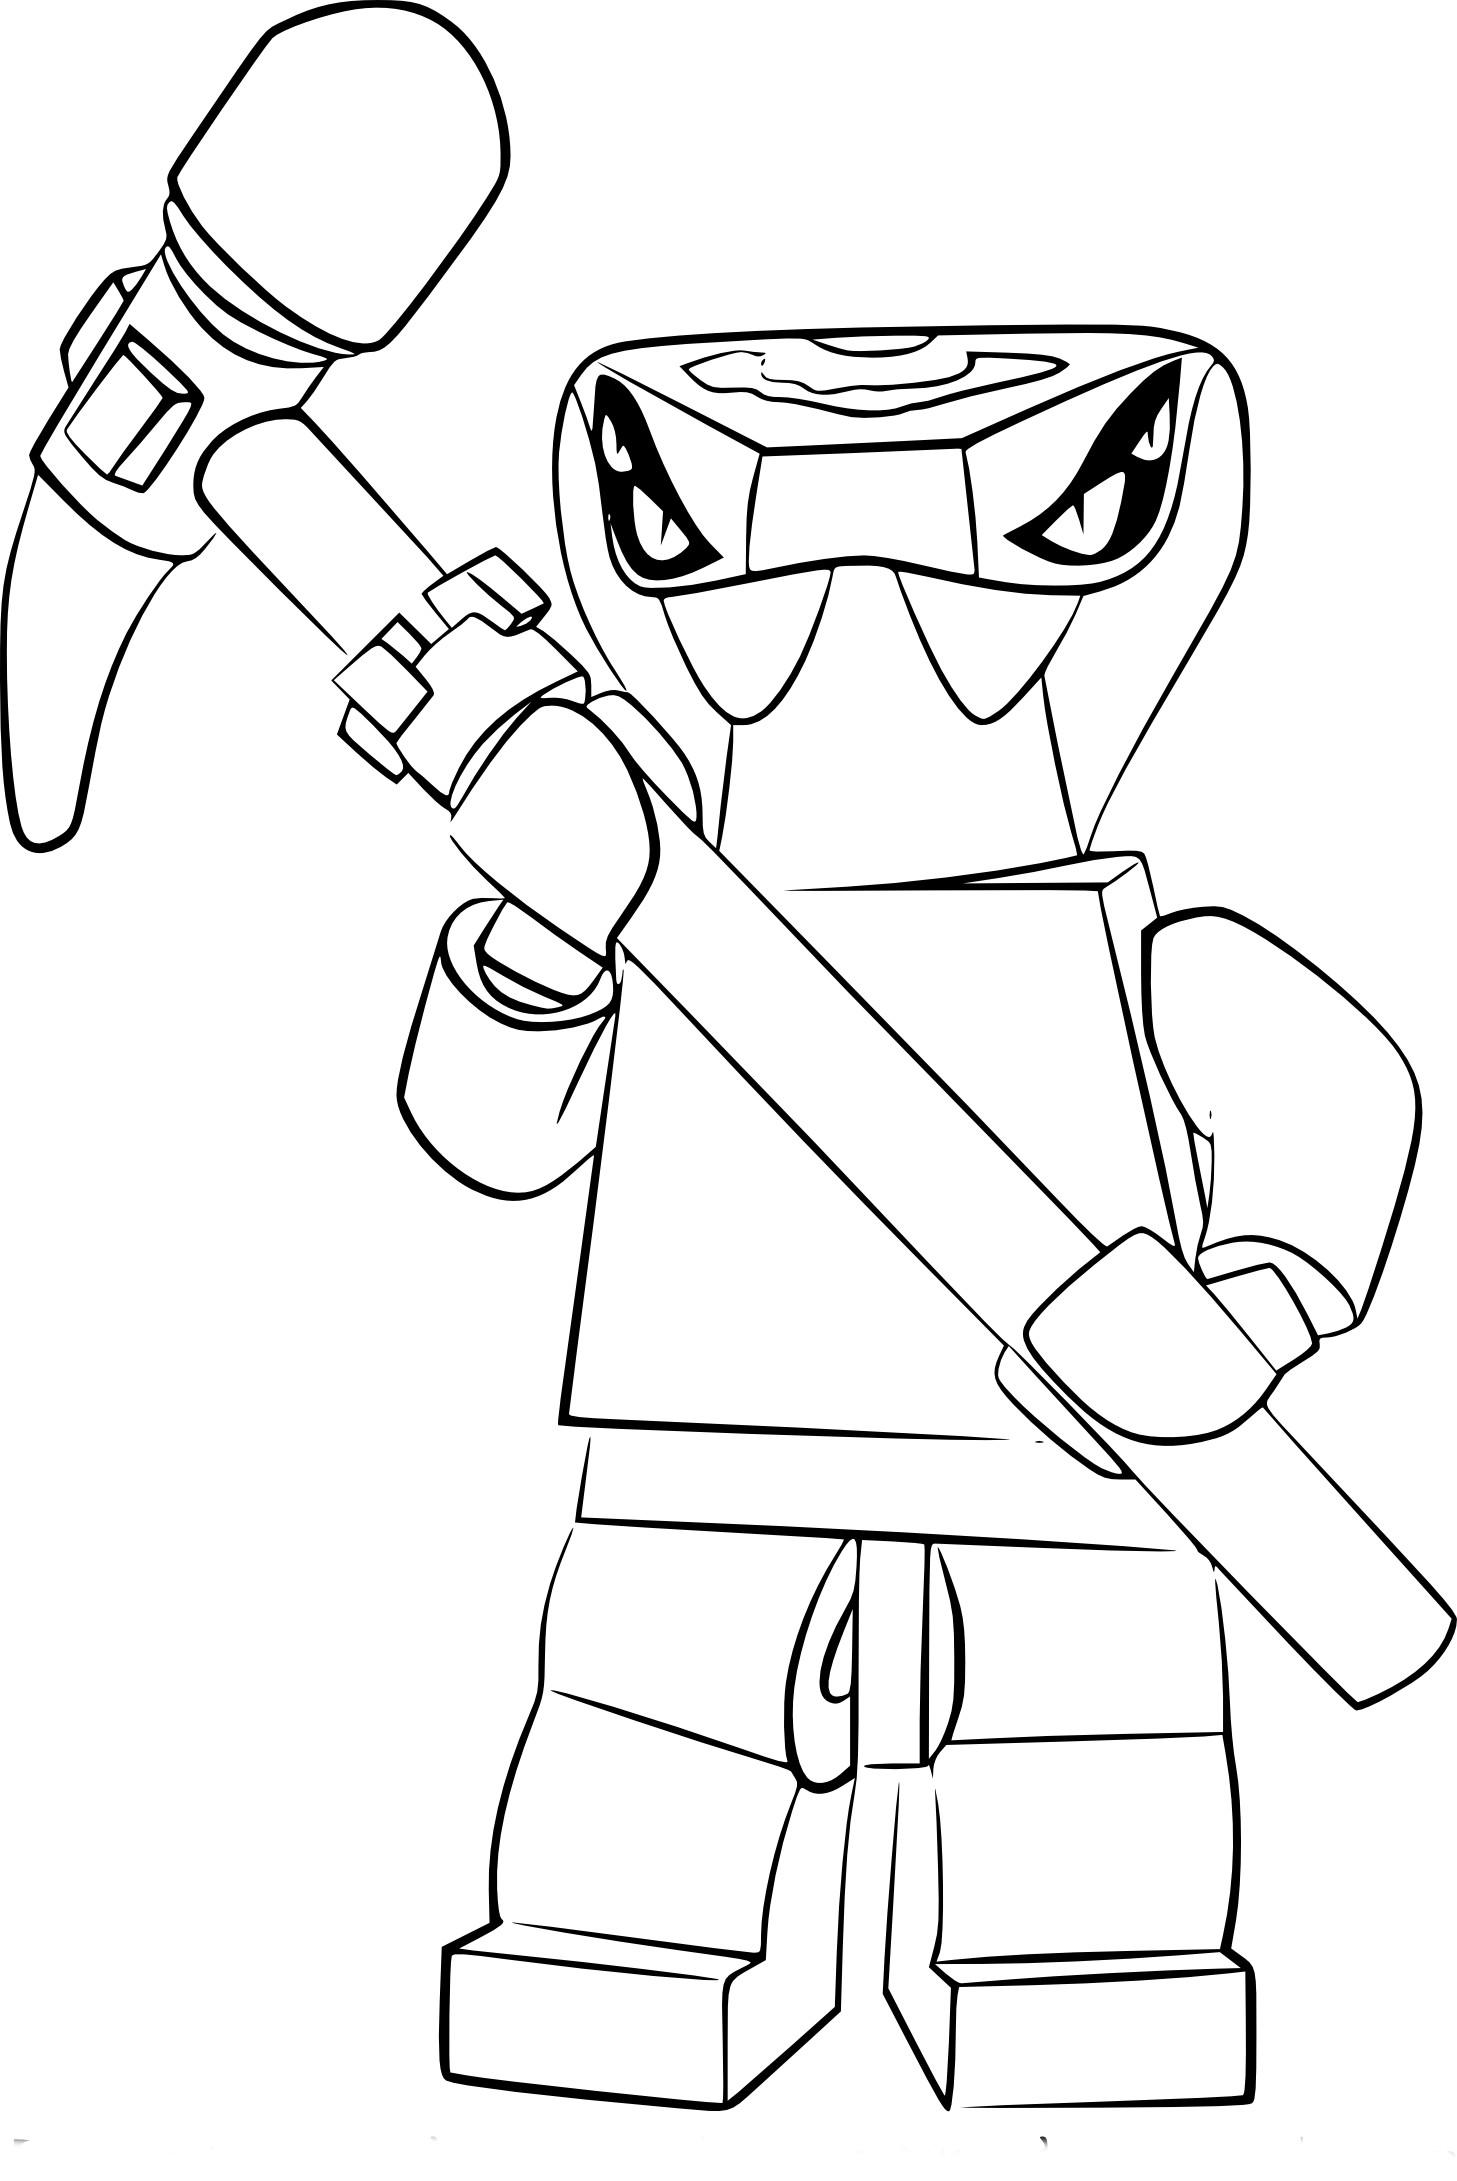 Coloriage spitta ninjago imprimer - Dessin de ninjago a imprimer ...